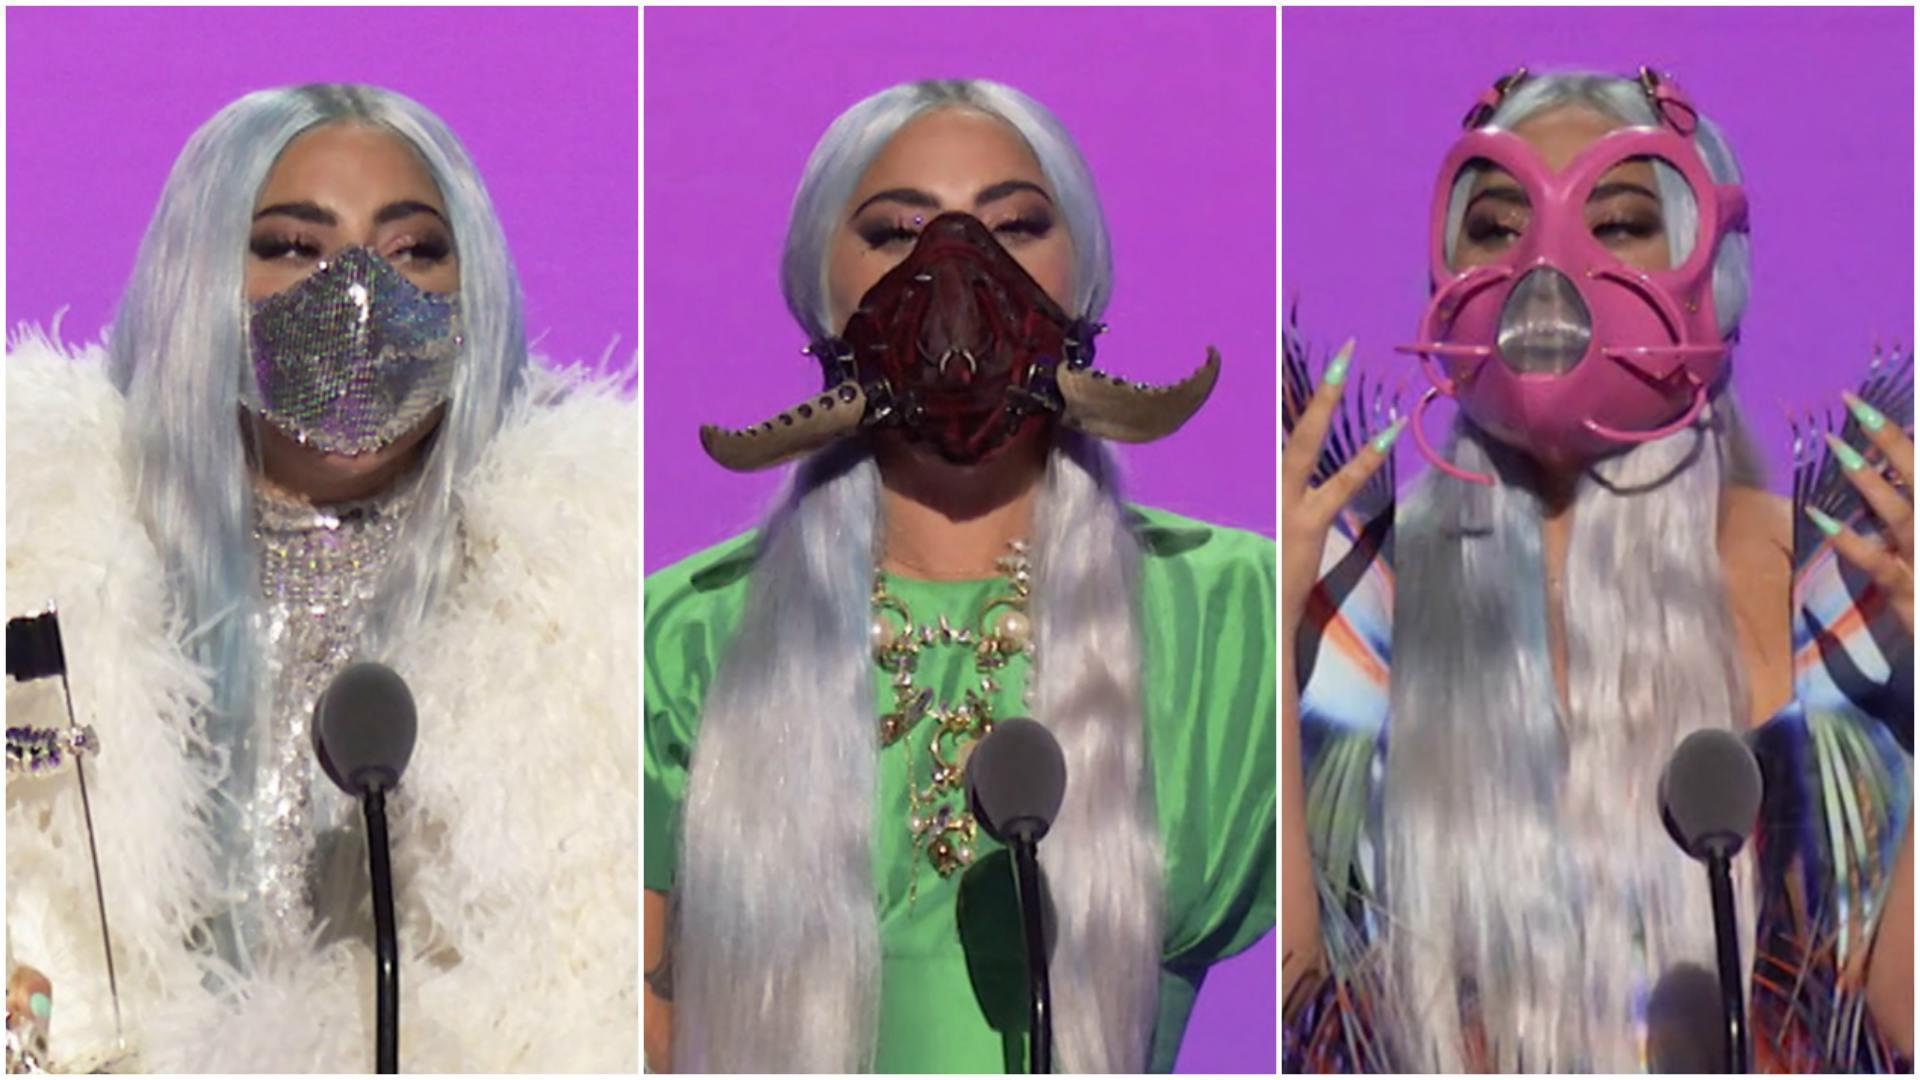 Las insólitas mascarillas de Lady Gaga en la gala de MTV | Puro Periodismo